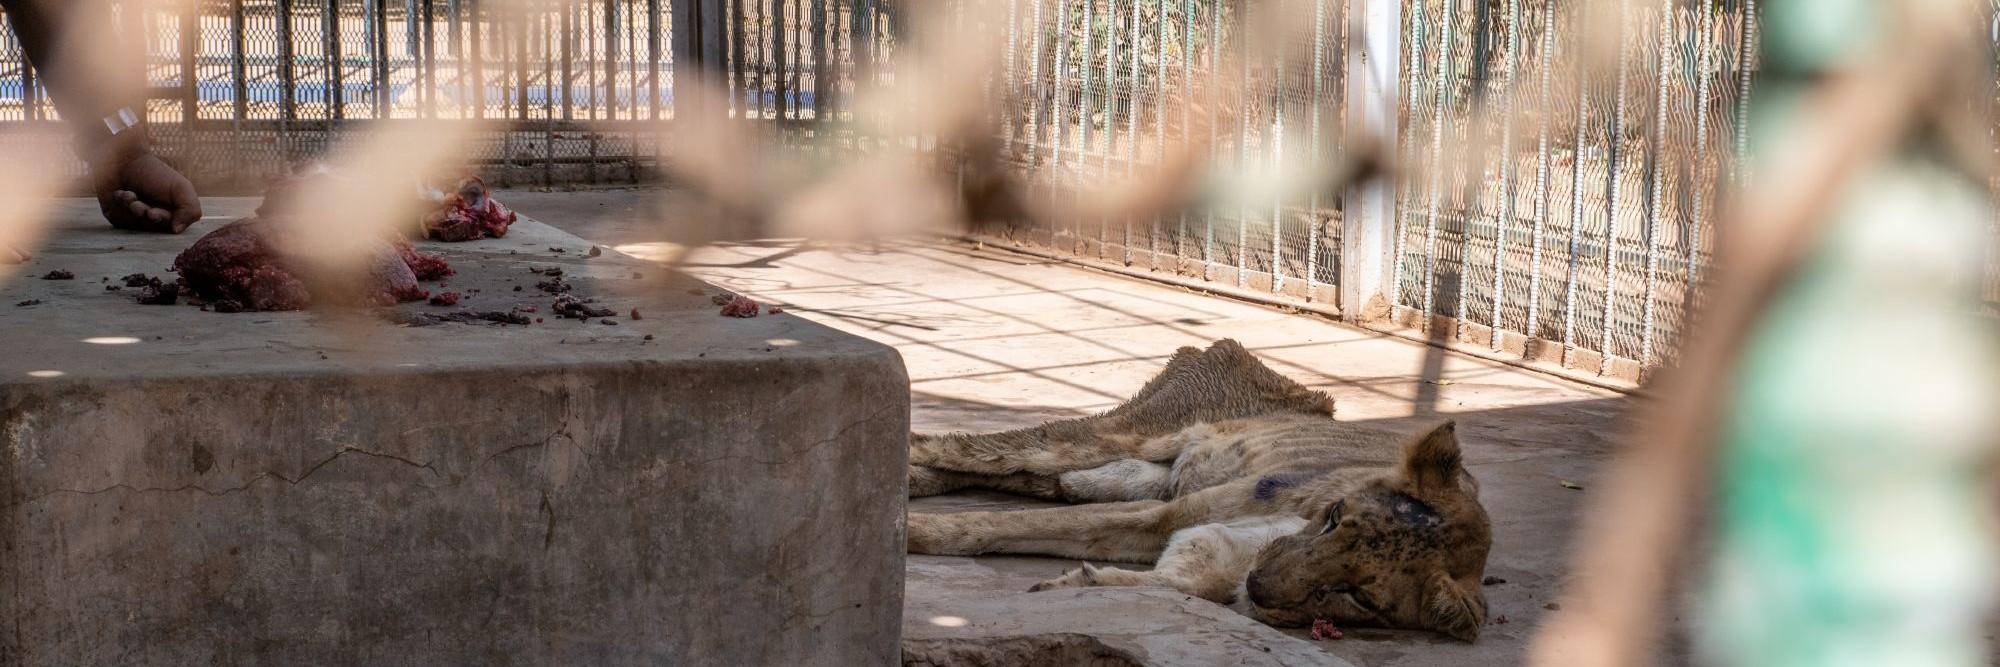 Lijdende leeuw